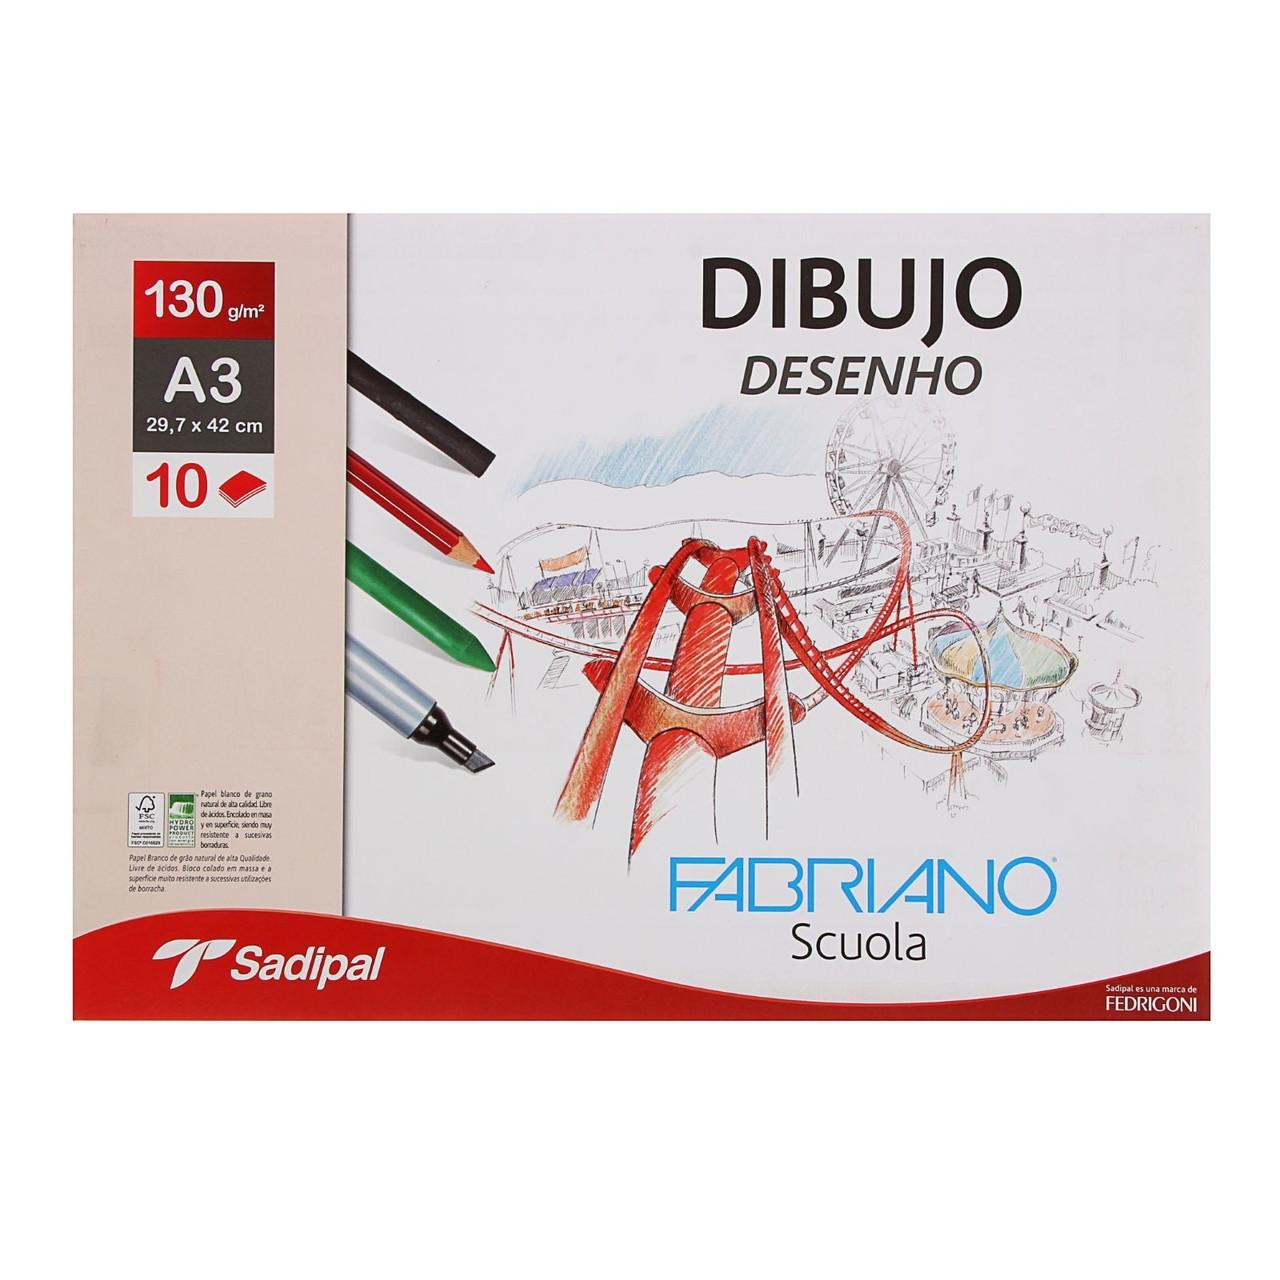 Альбом для графики и пастели А3, Fabriano Dibujo Desenho, 10 листов, 130 г/м², конверт